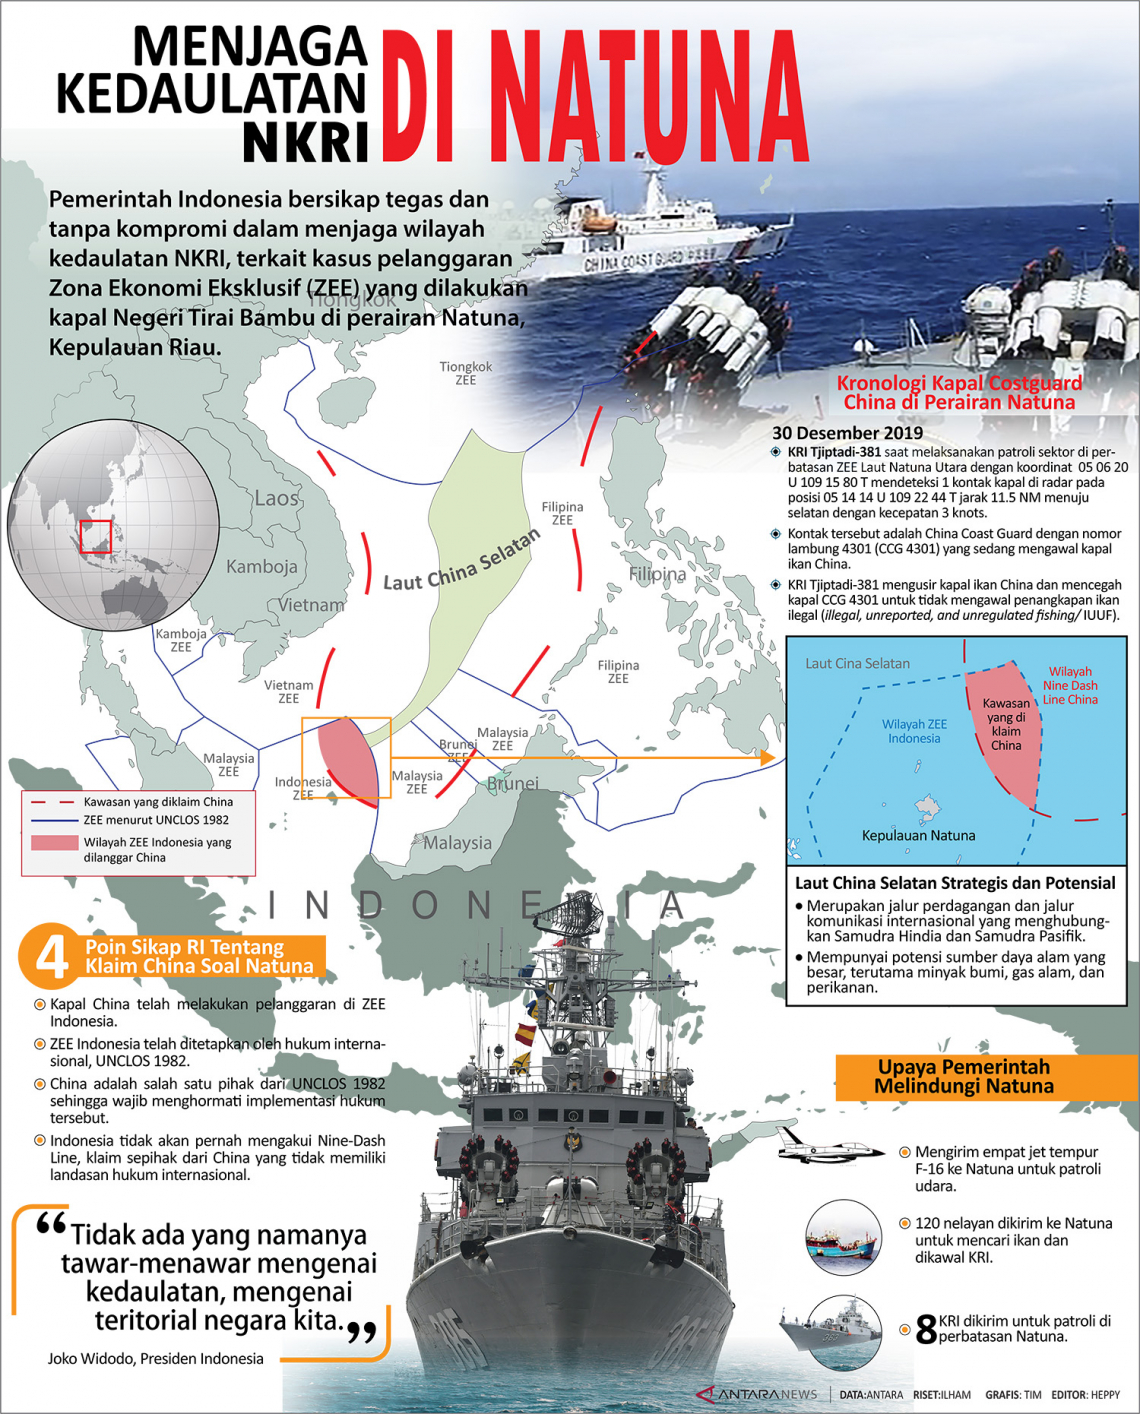 Menjaga kedaulatan NKRI di Natuna